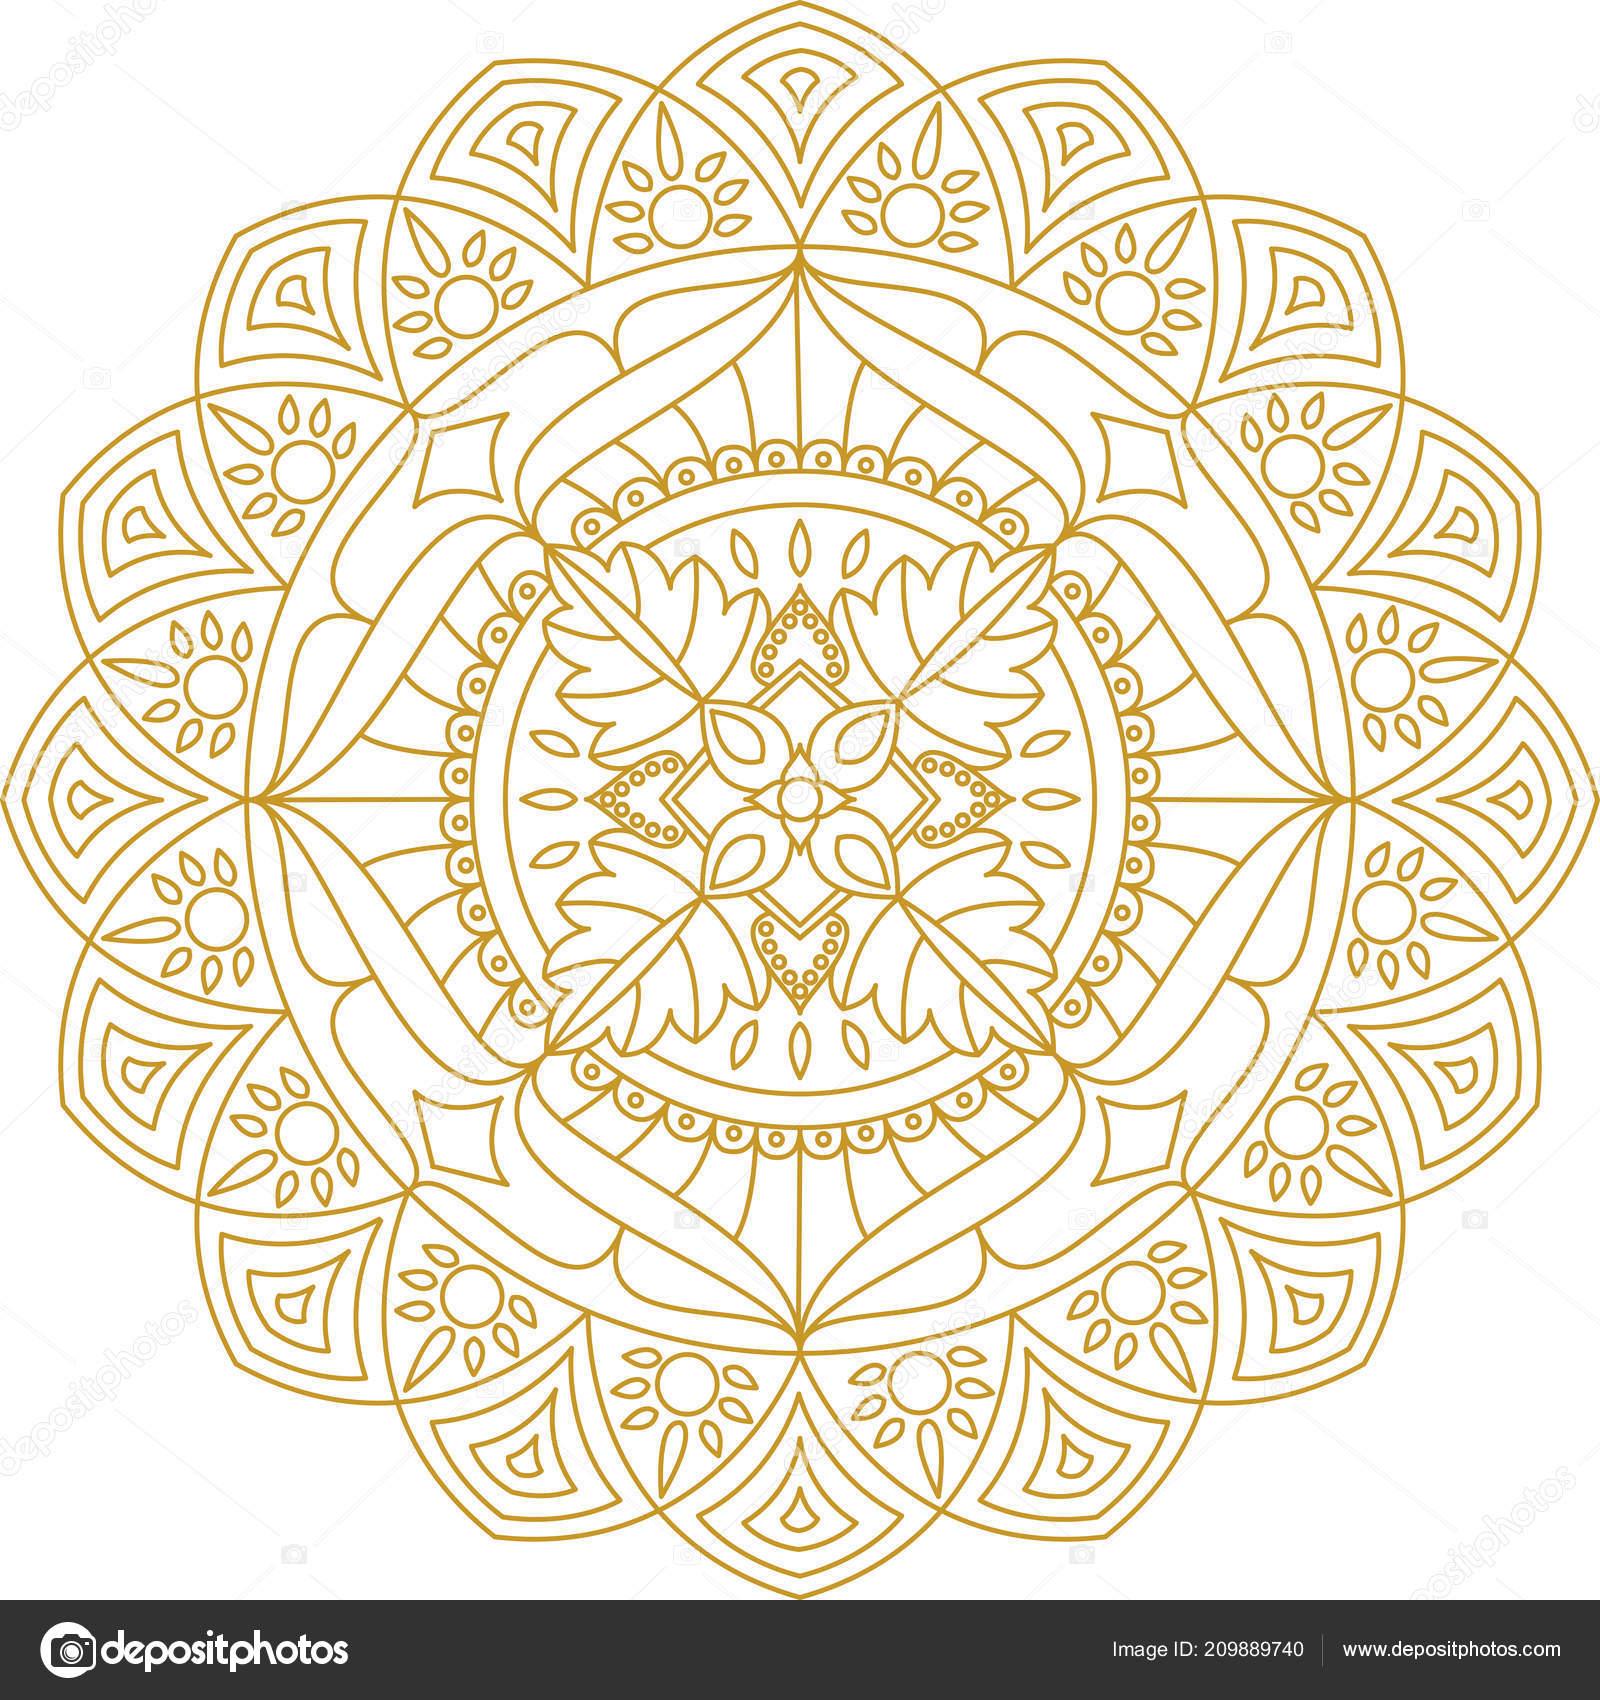 Coloriage Mandala Couleur.Ornement Mandala Illustration Vectorielle Mandala Couleur Coloriage